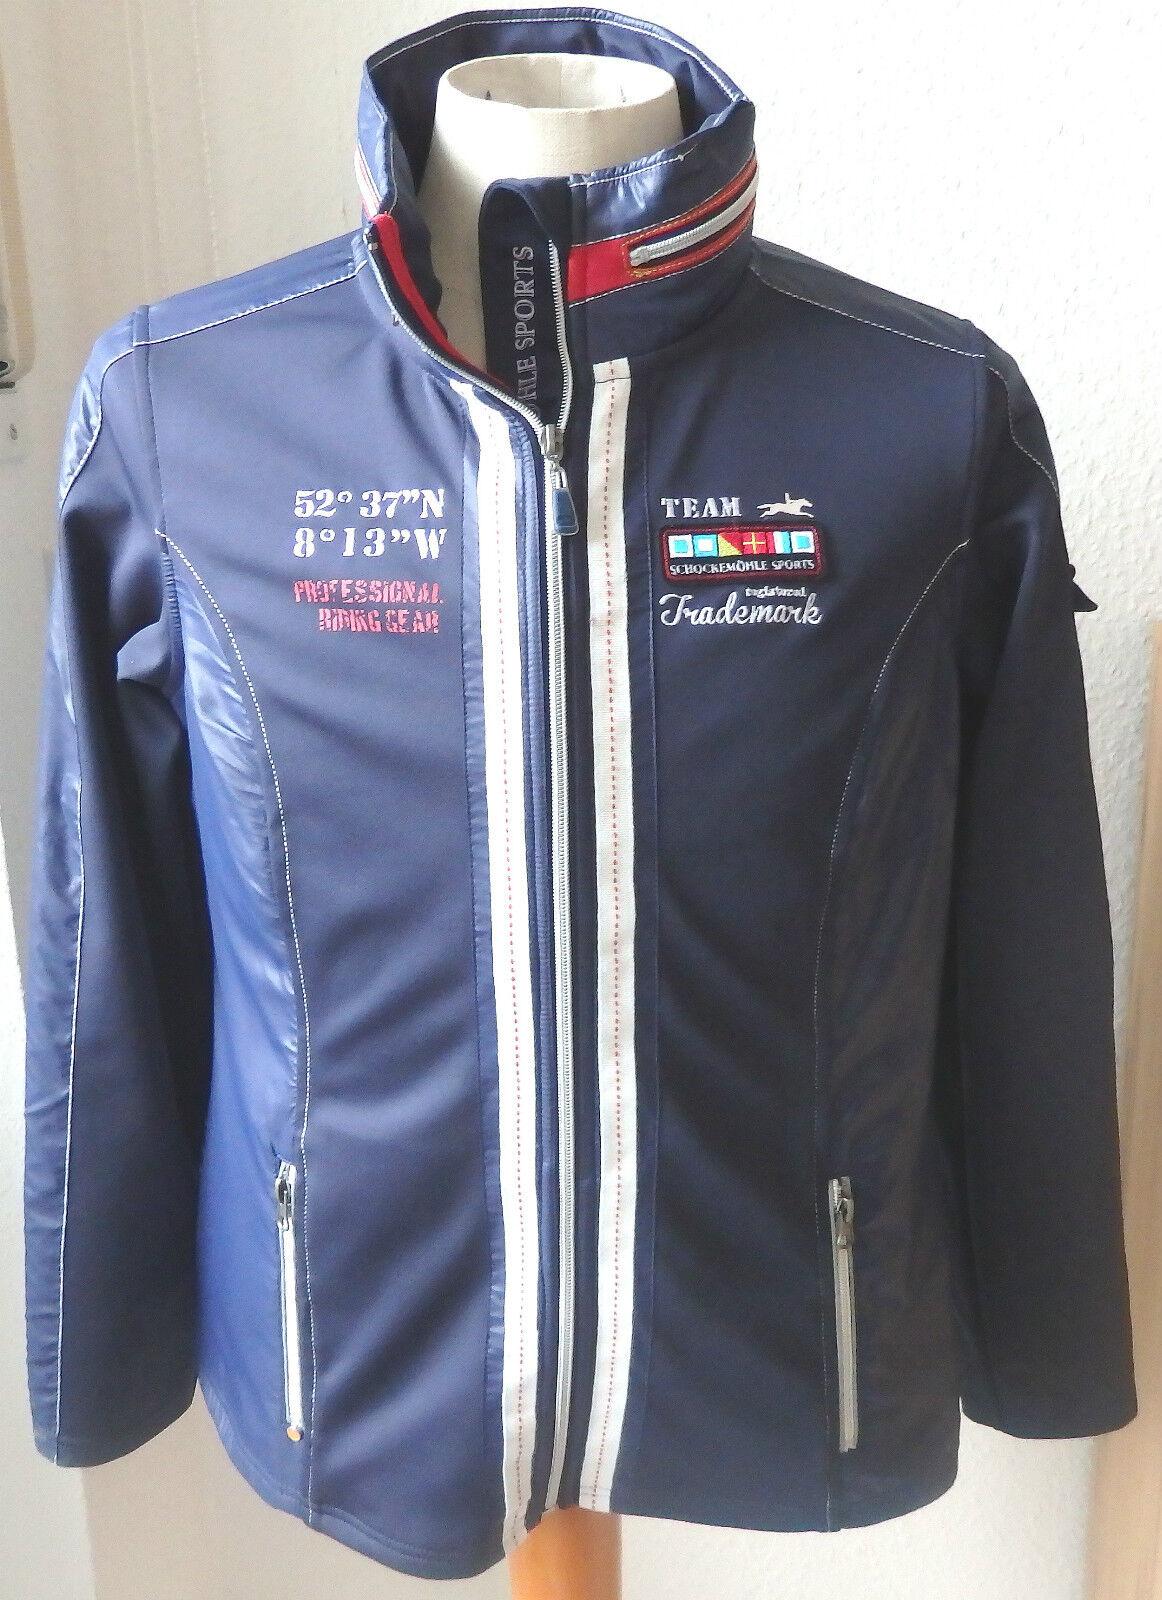 Schockemöhle Sports Softshell chaqueta, azul, talla s, modelo Shannon, reitjacke